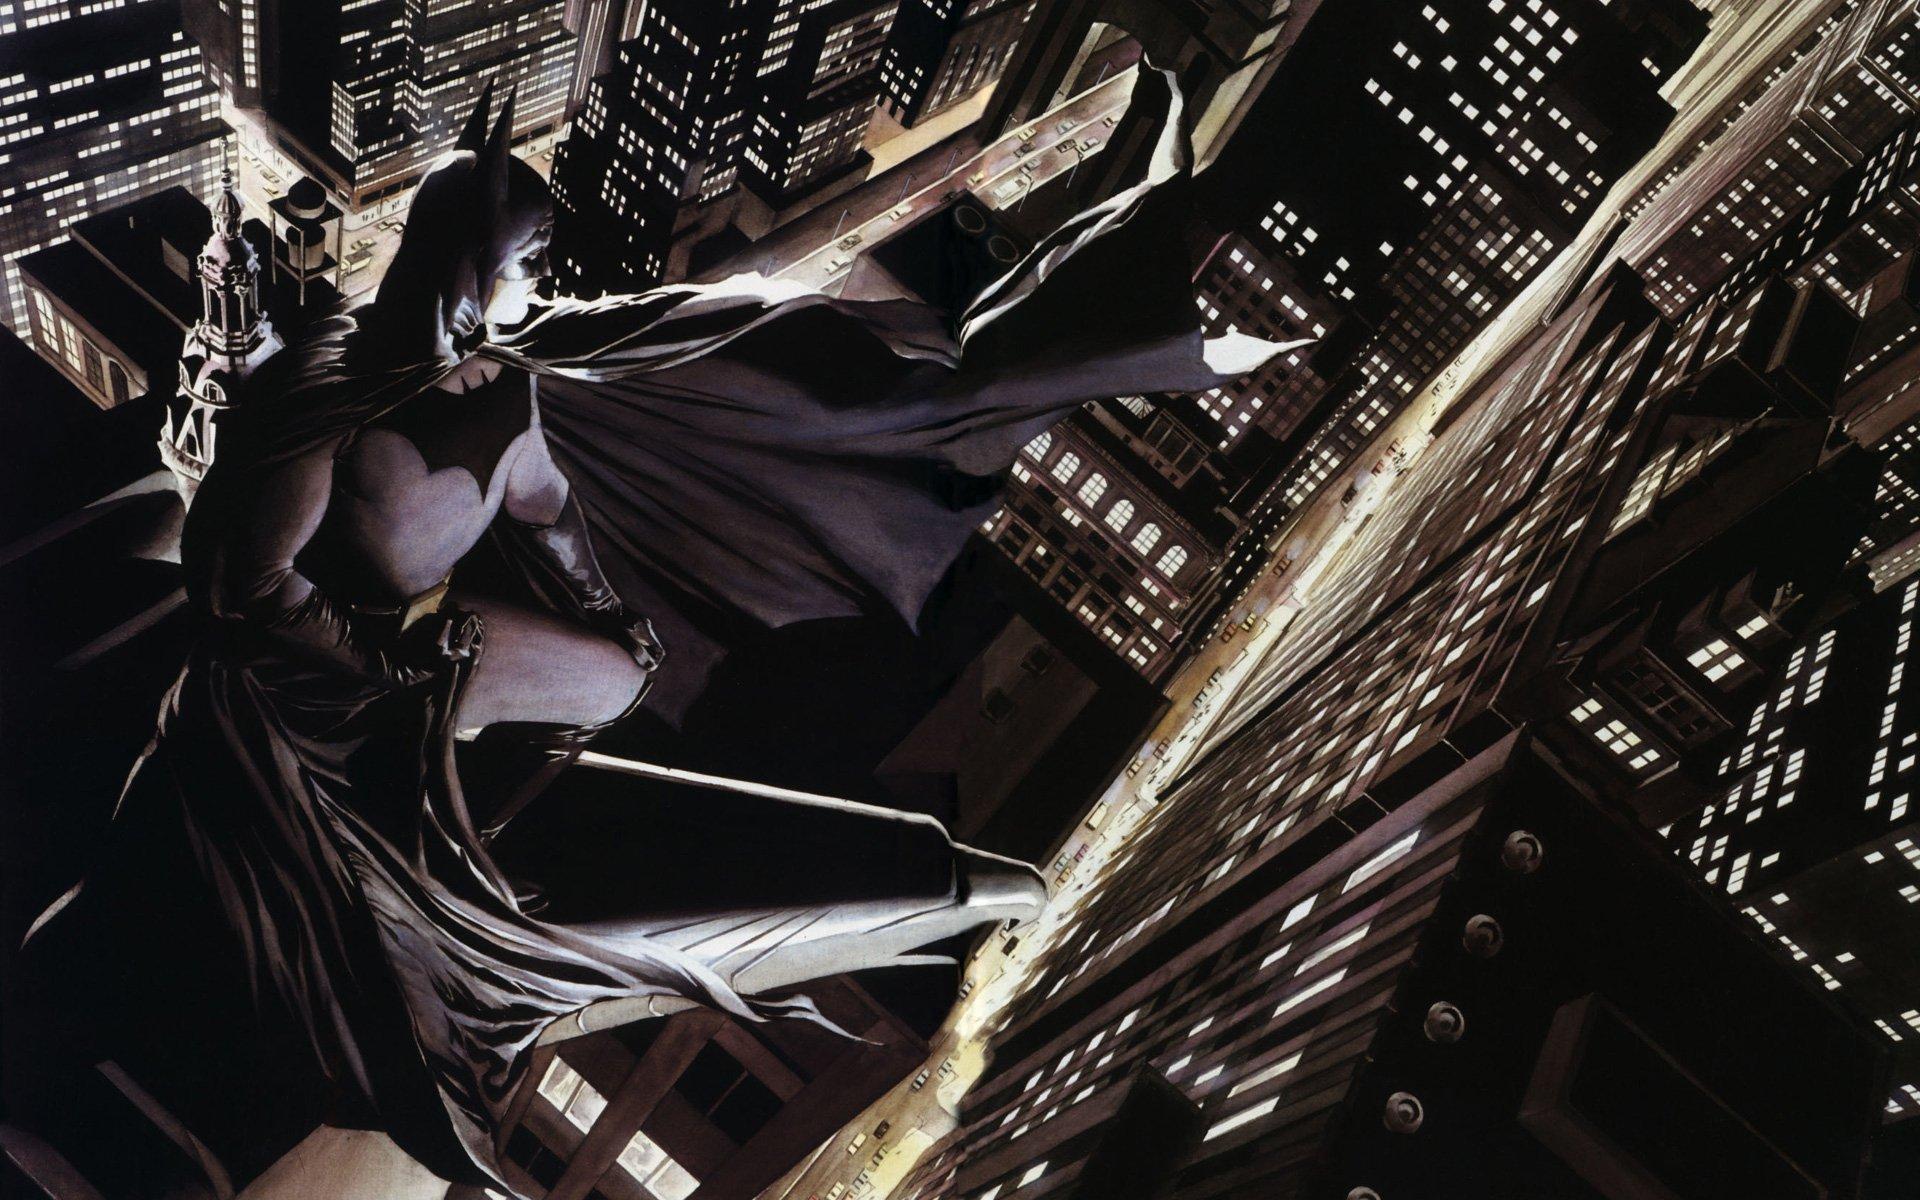 1096 Batman HD Wallpapers | Backgrounds - Wallpaper Abyss